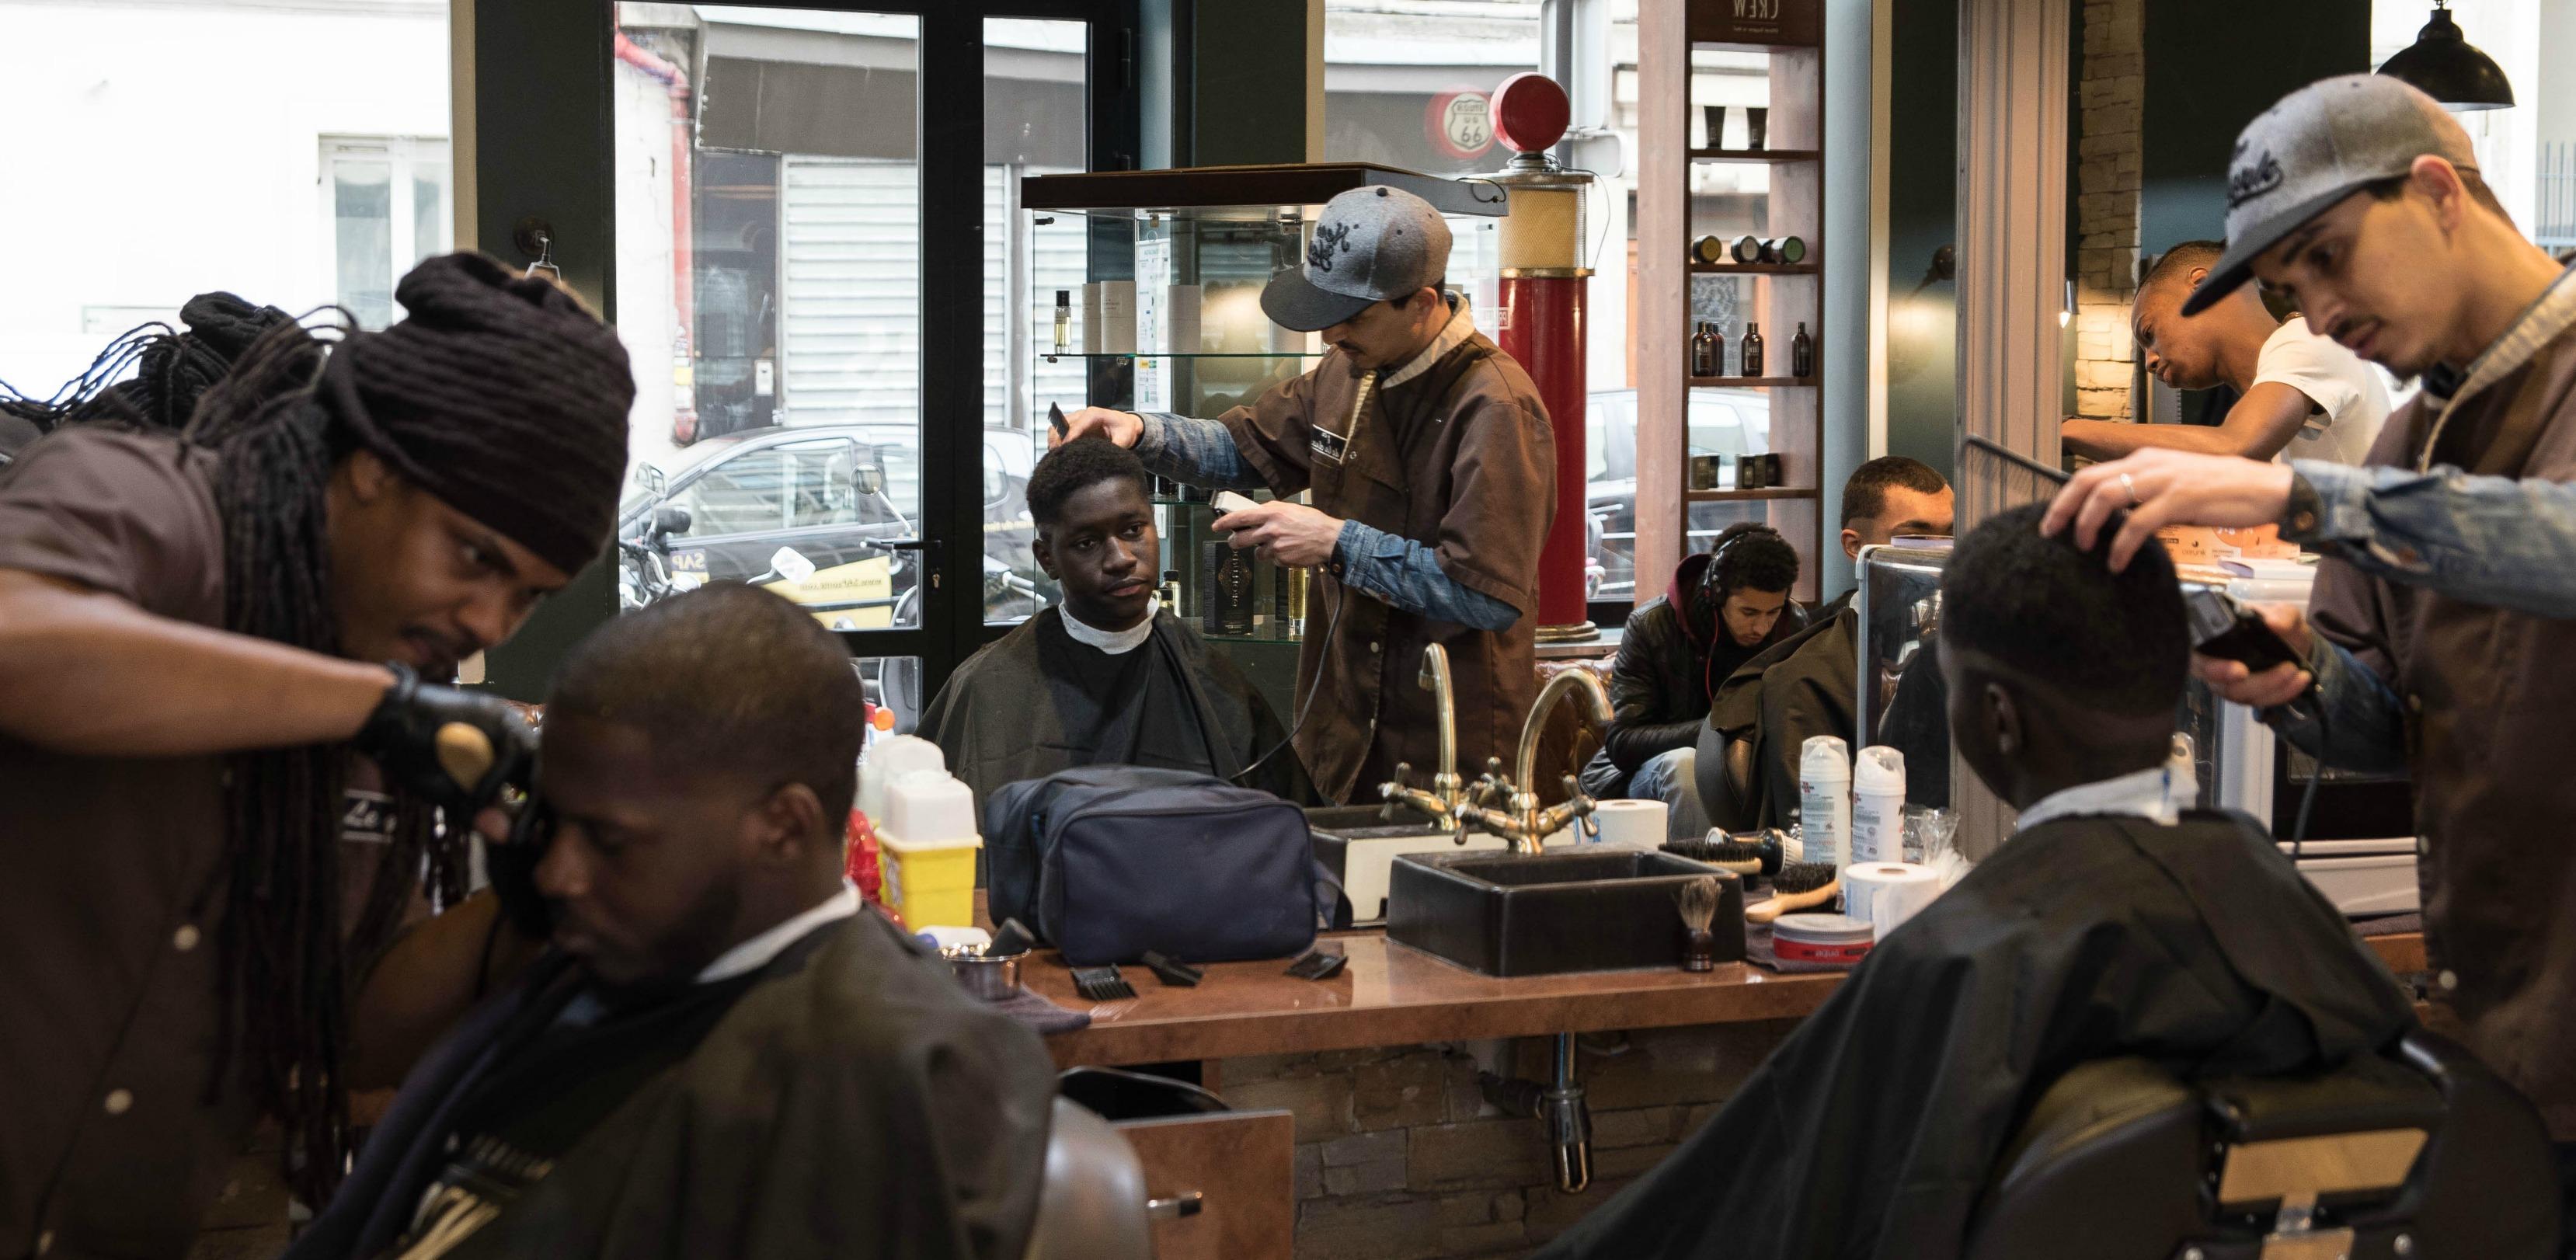 Salon de coiffure afro paris 19 for Salon des seniors paris